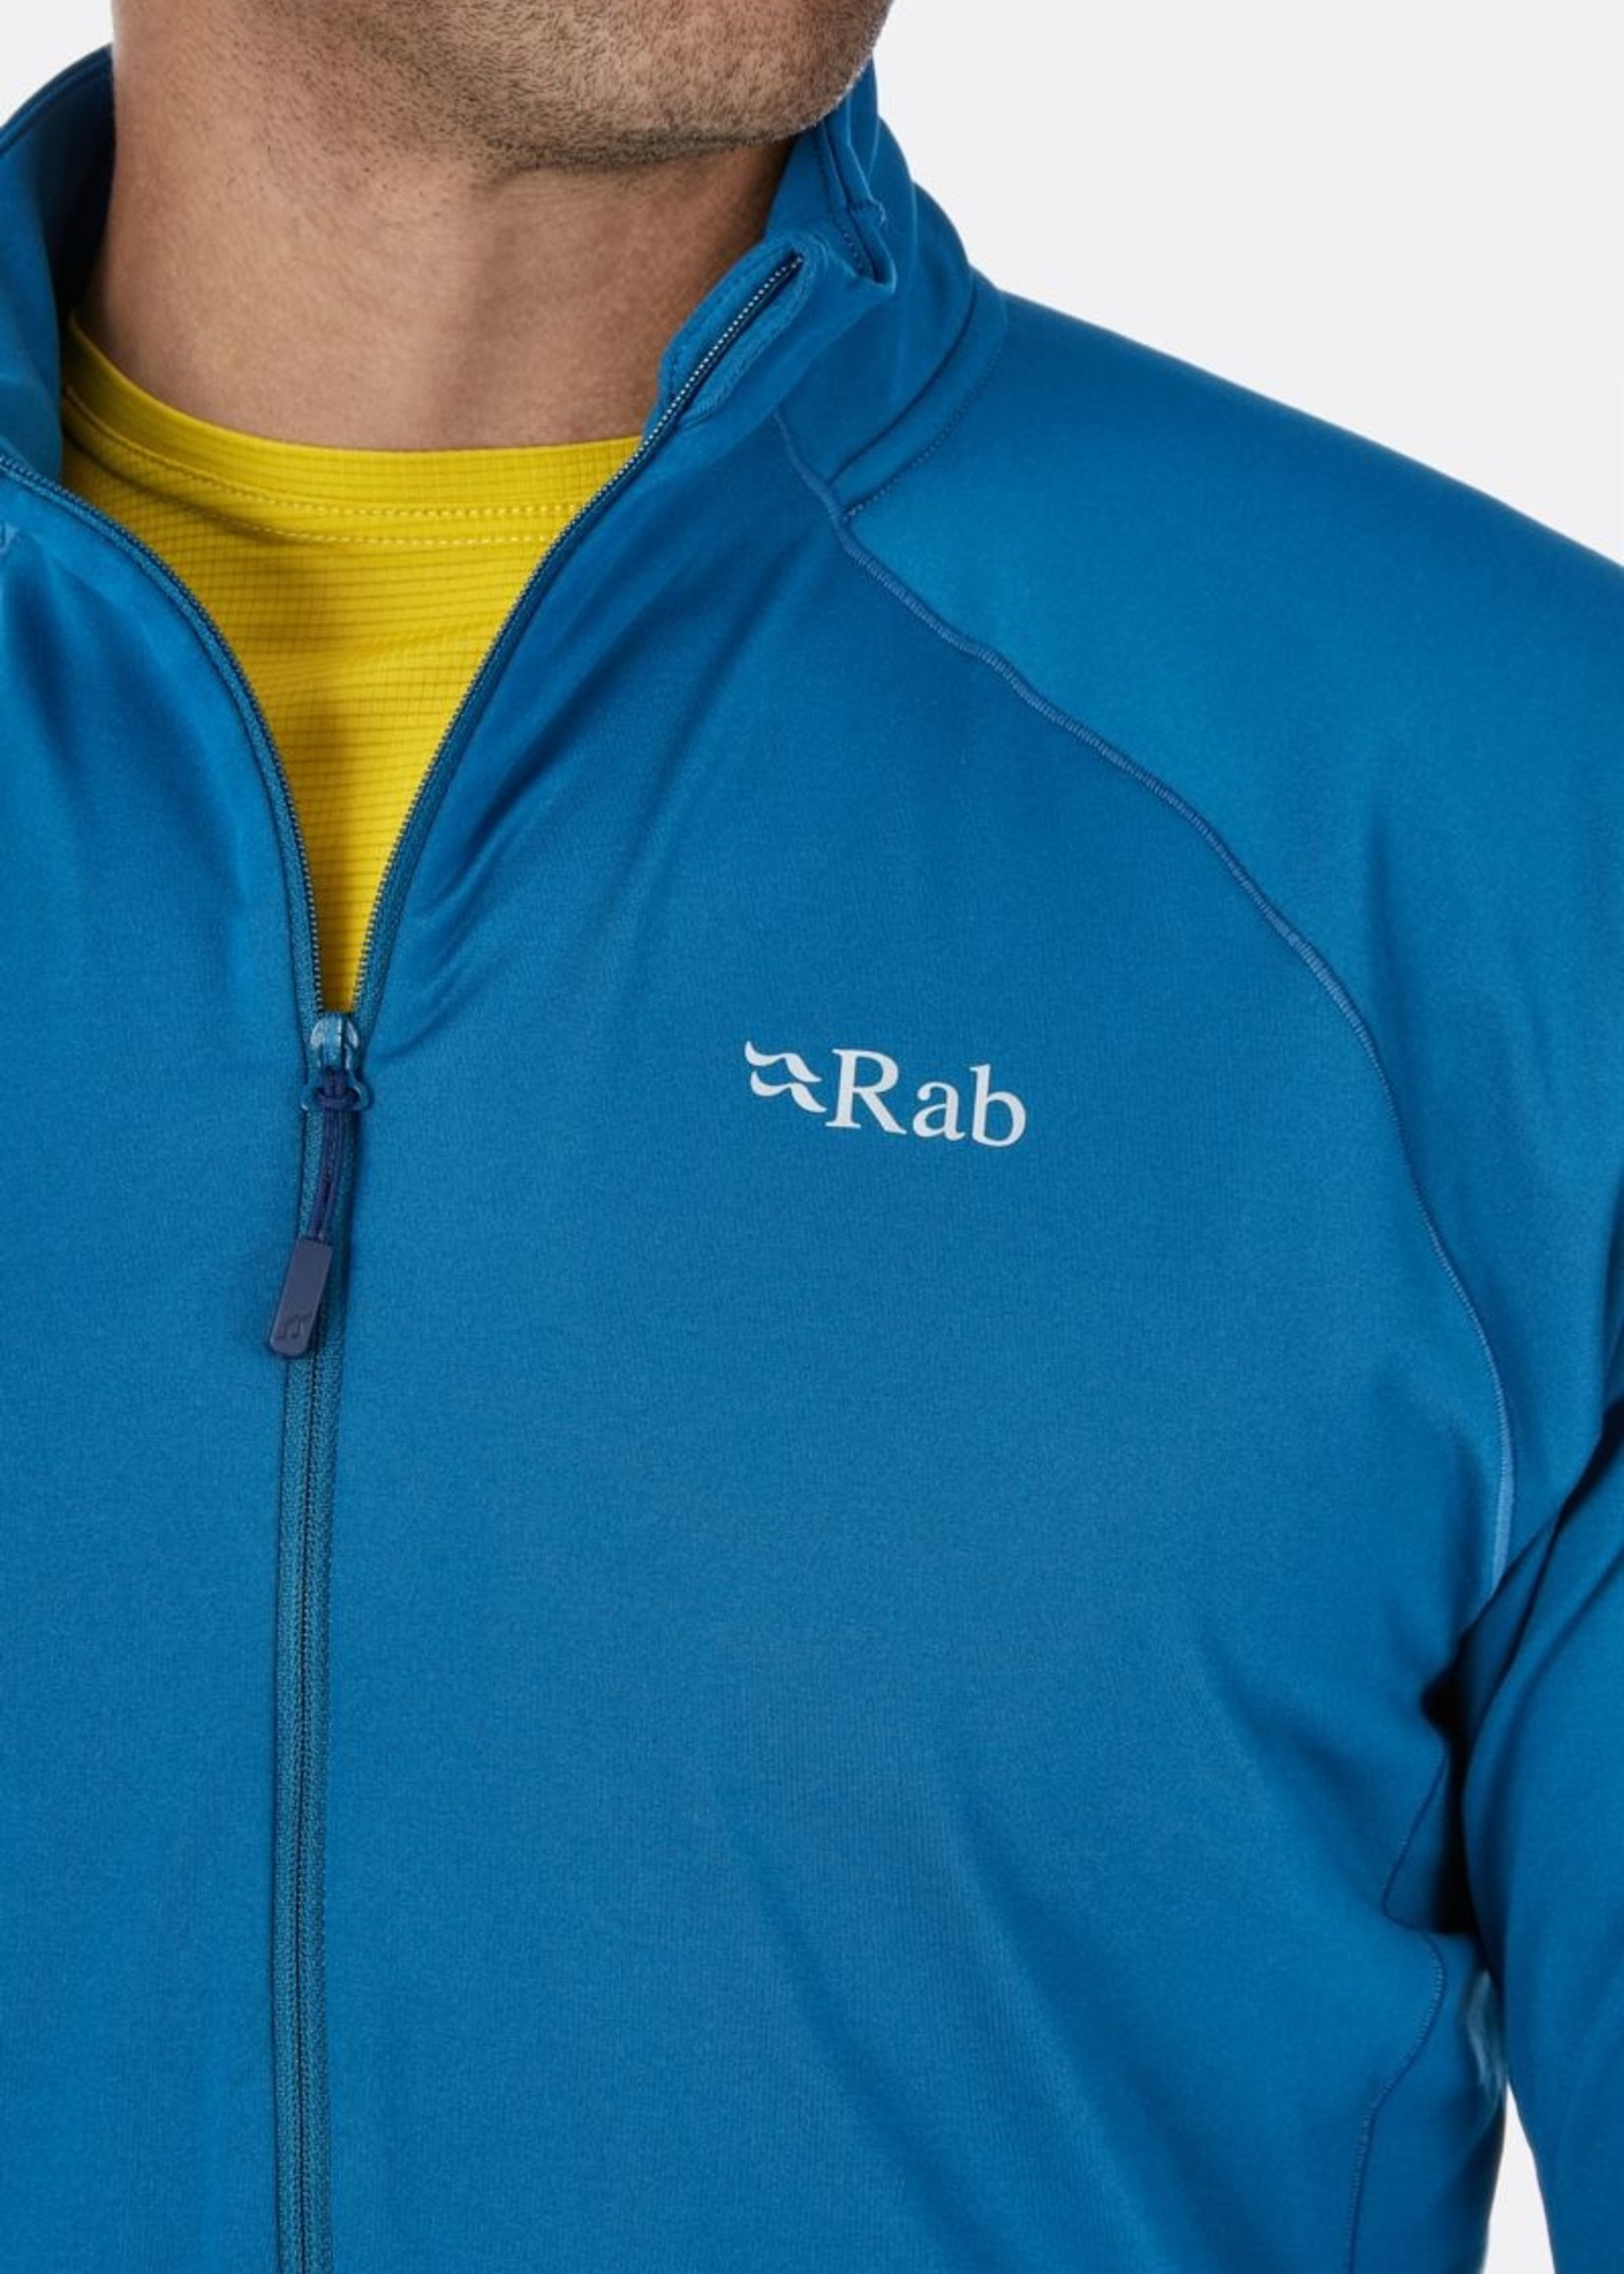 Rab Flux Pull-On